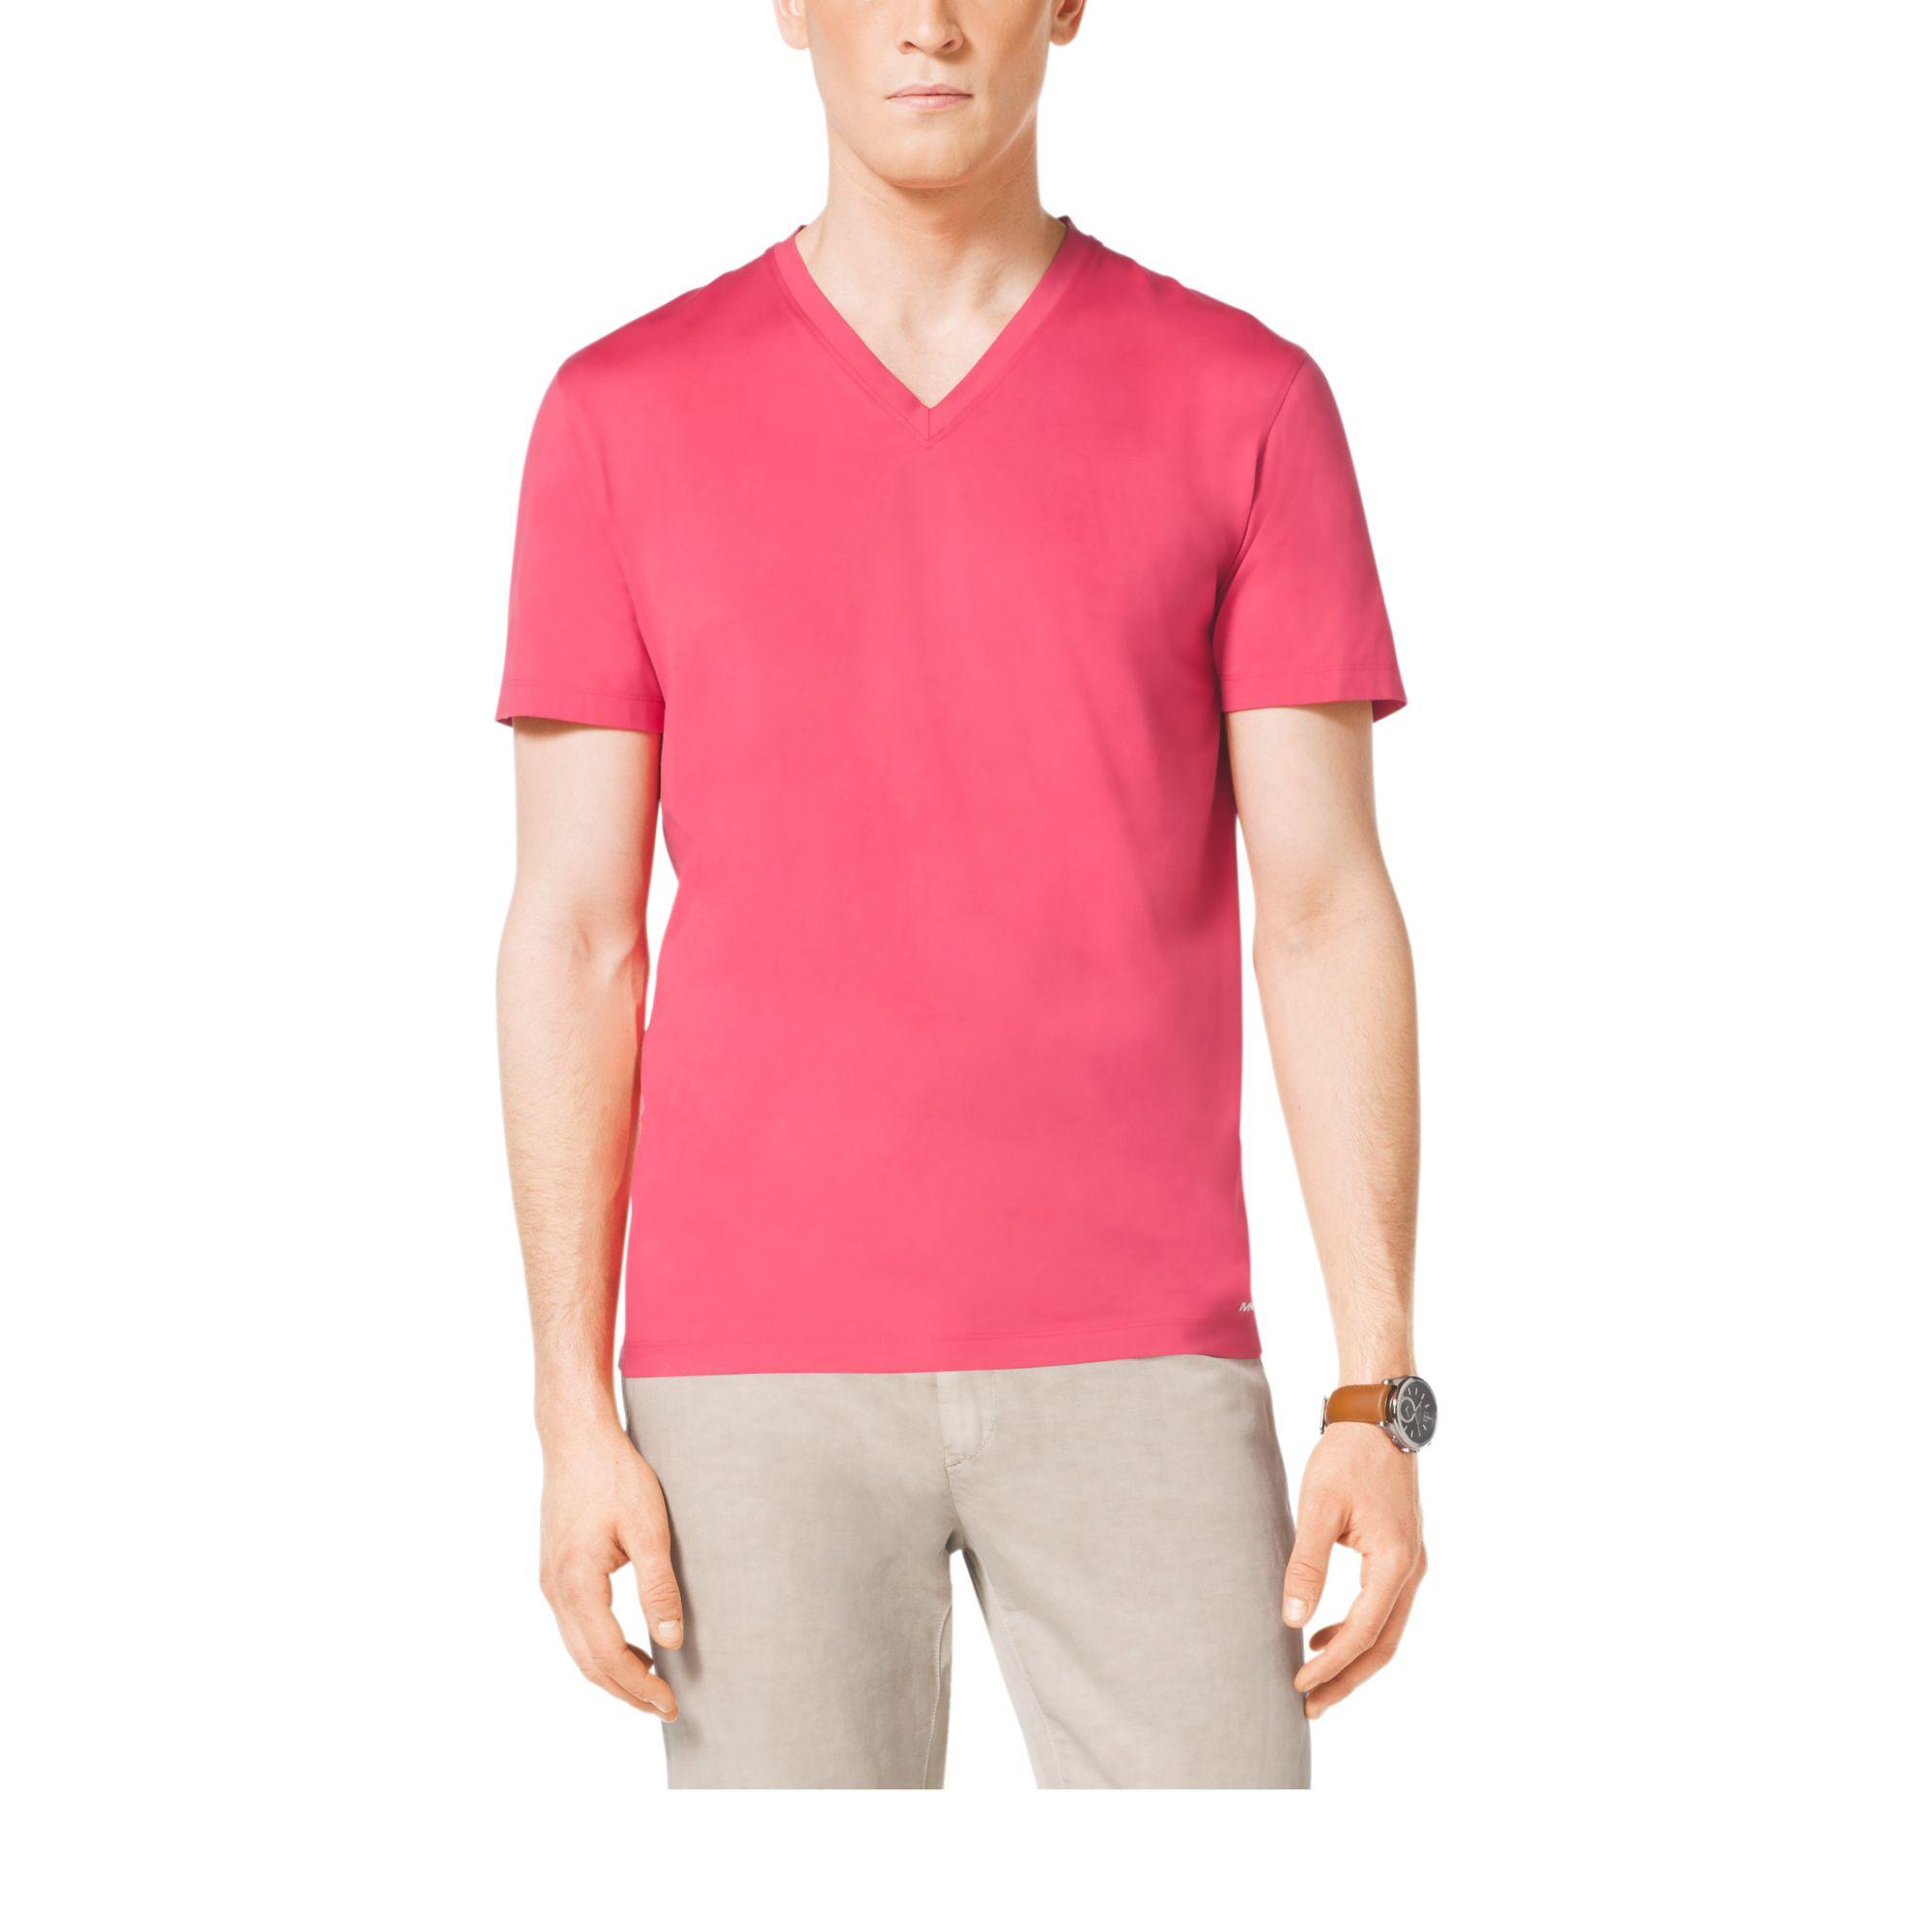 michael kors v neck cotton t shirt in red for men guava. Black Bedroom Furniture Sets. Home Design Ideas